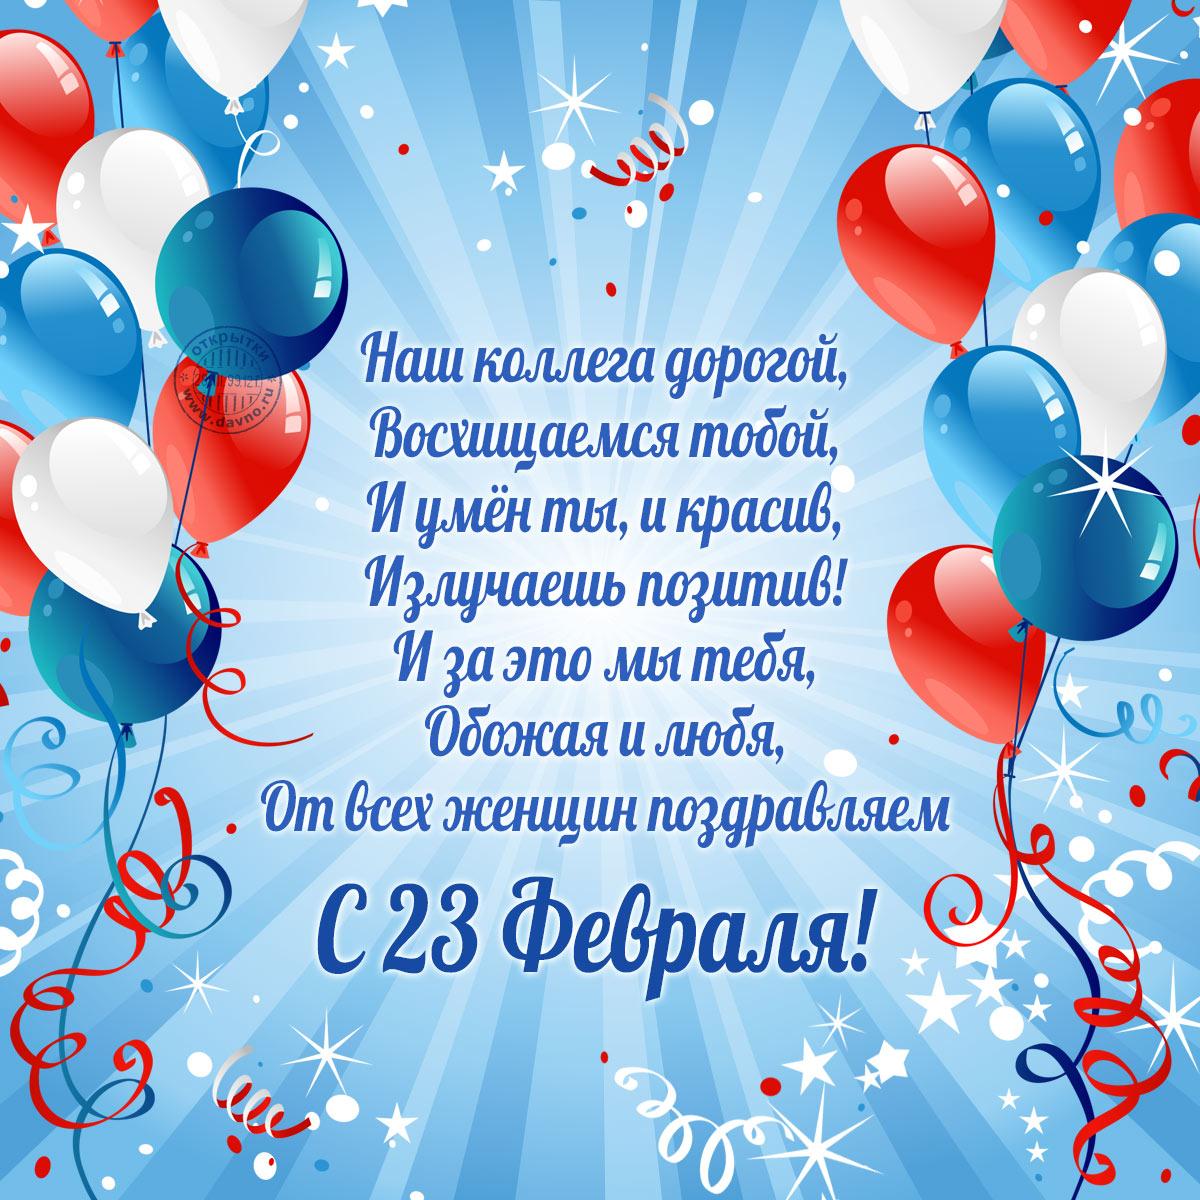 Поздравление на 23 февраля шефа